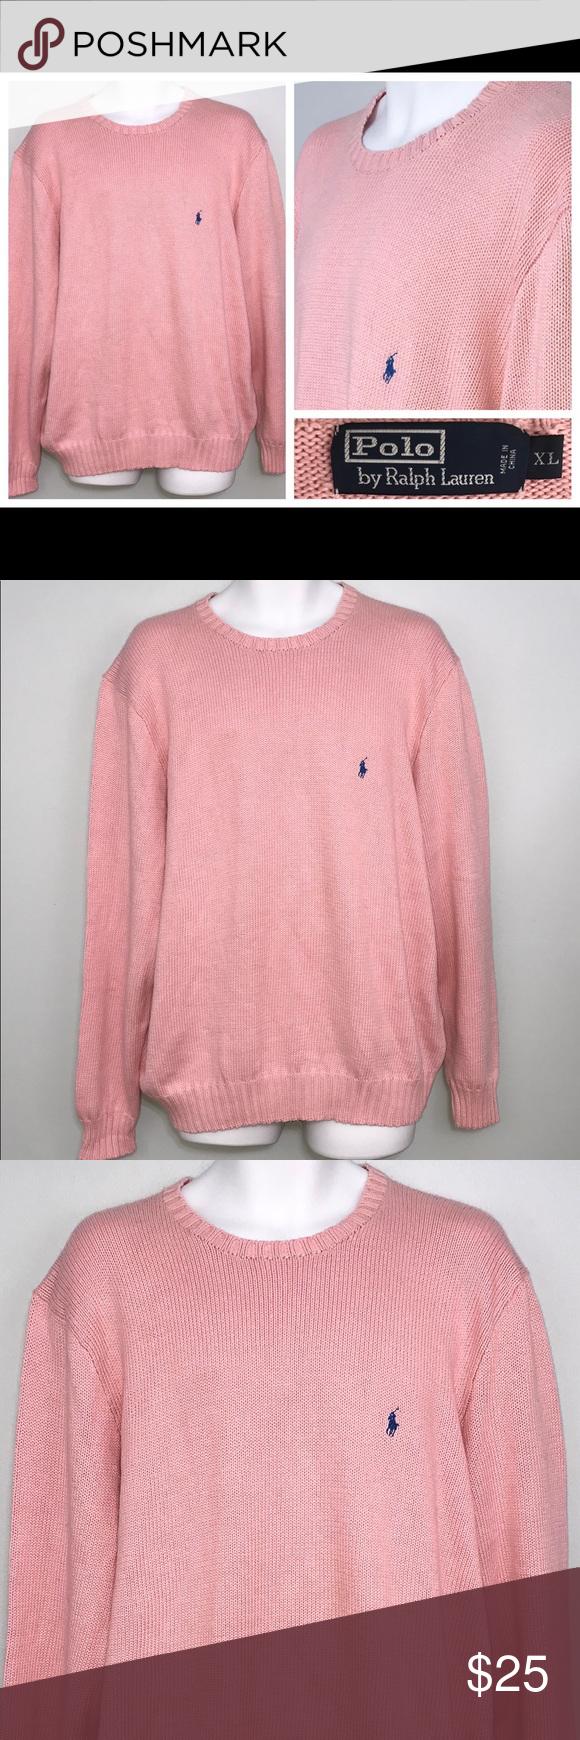 Polo Ralph Lauren Men S Pink Cotton Sweater Xl Polo Ralph Lauren Men S Light Pink Knit Crewneck Pullover Cotton Sweater If You Have Cotton Sweater Sweaters Polo Ralph Lauren